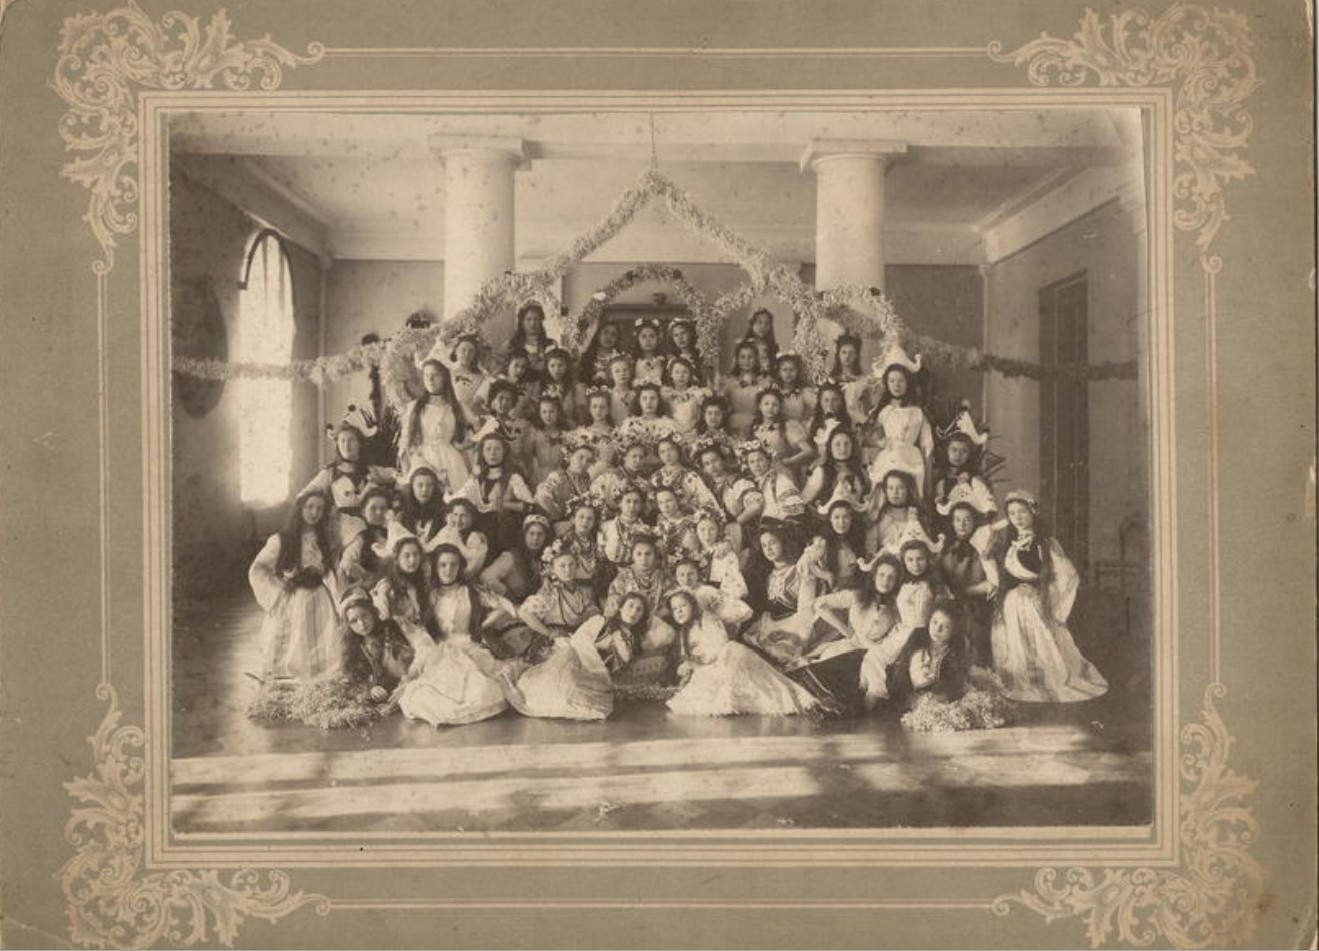 Бал-маскарад в Иркутском институте благородных девиц имени императора Николая I 1902